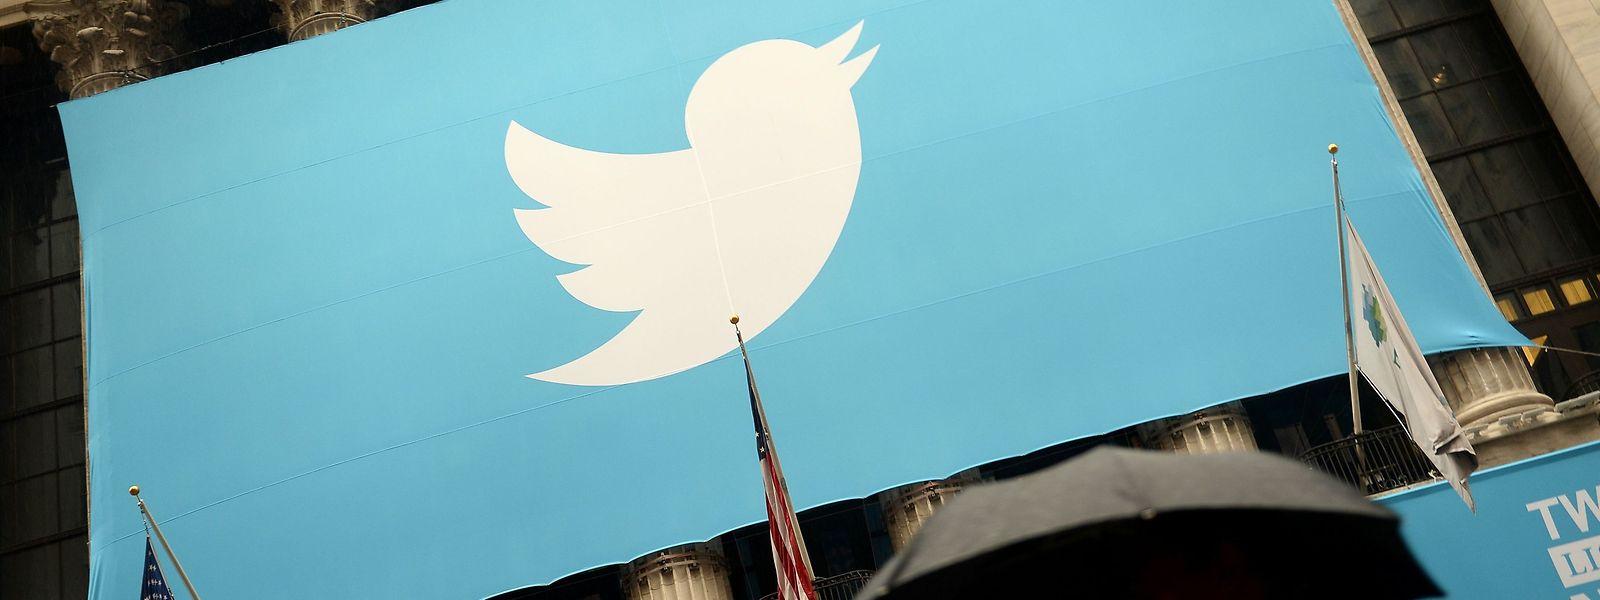 Twitter hat angekündigt, Regelverstöße in Zukunft stärker zu ahnden - vor allem bei Politikern.